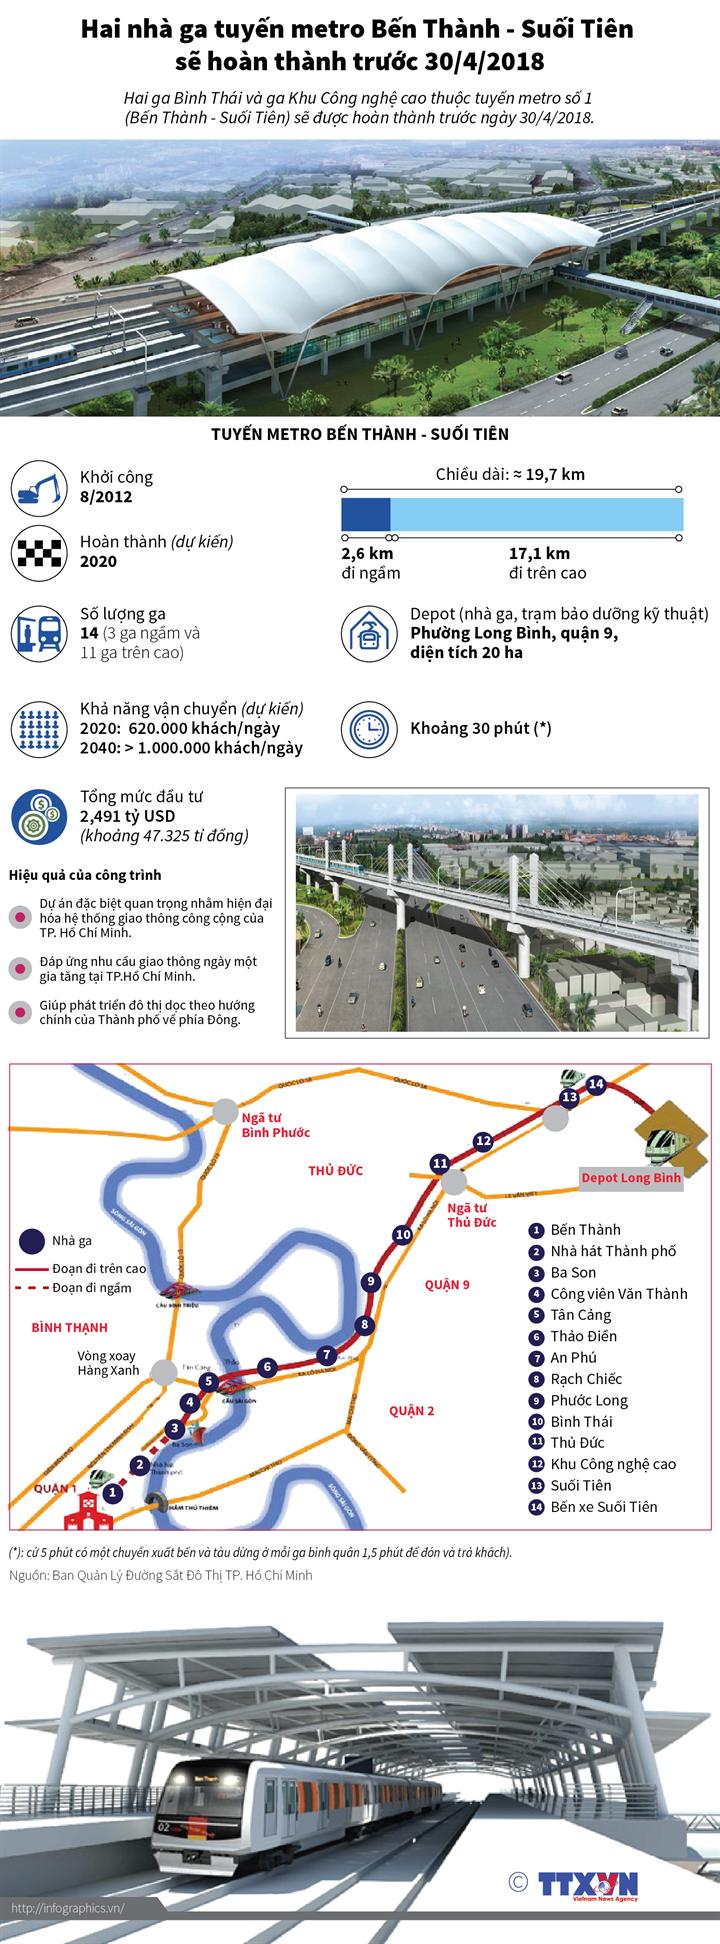 Hai nhà ga tuyến metro Bến Thành - Suối Tiên  sẽ hoàn thành trước 30/4/2018